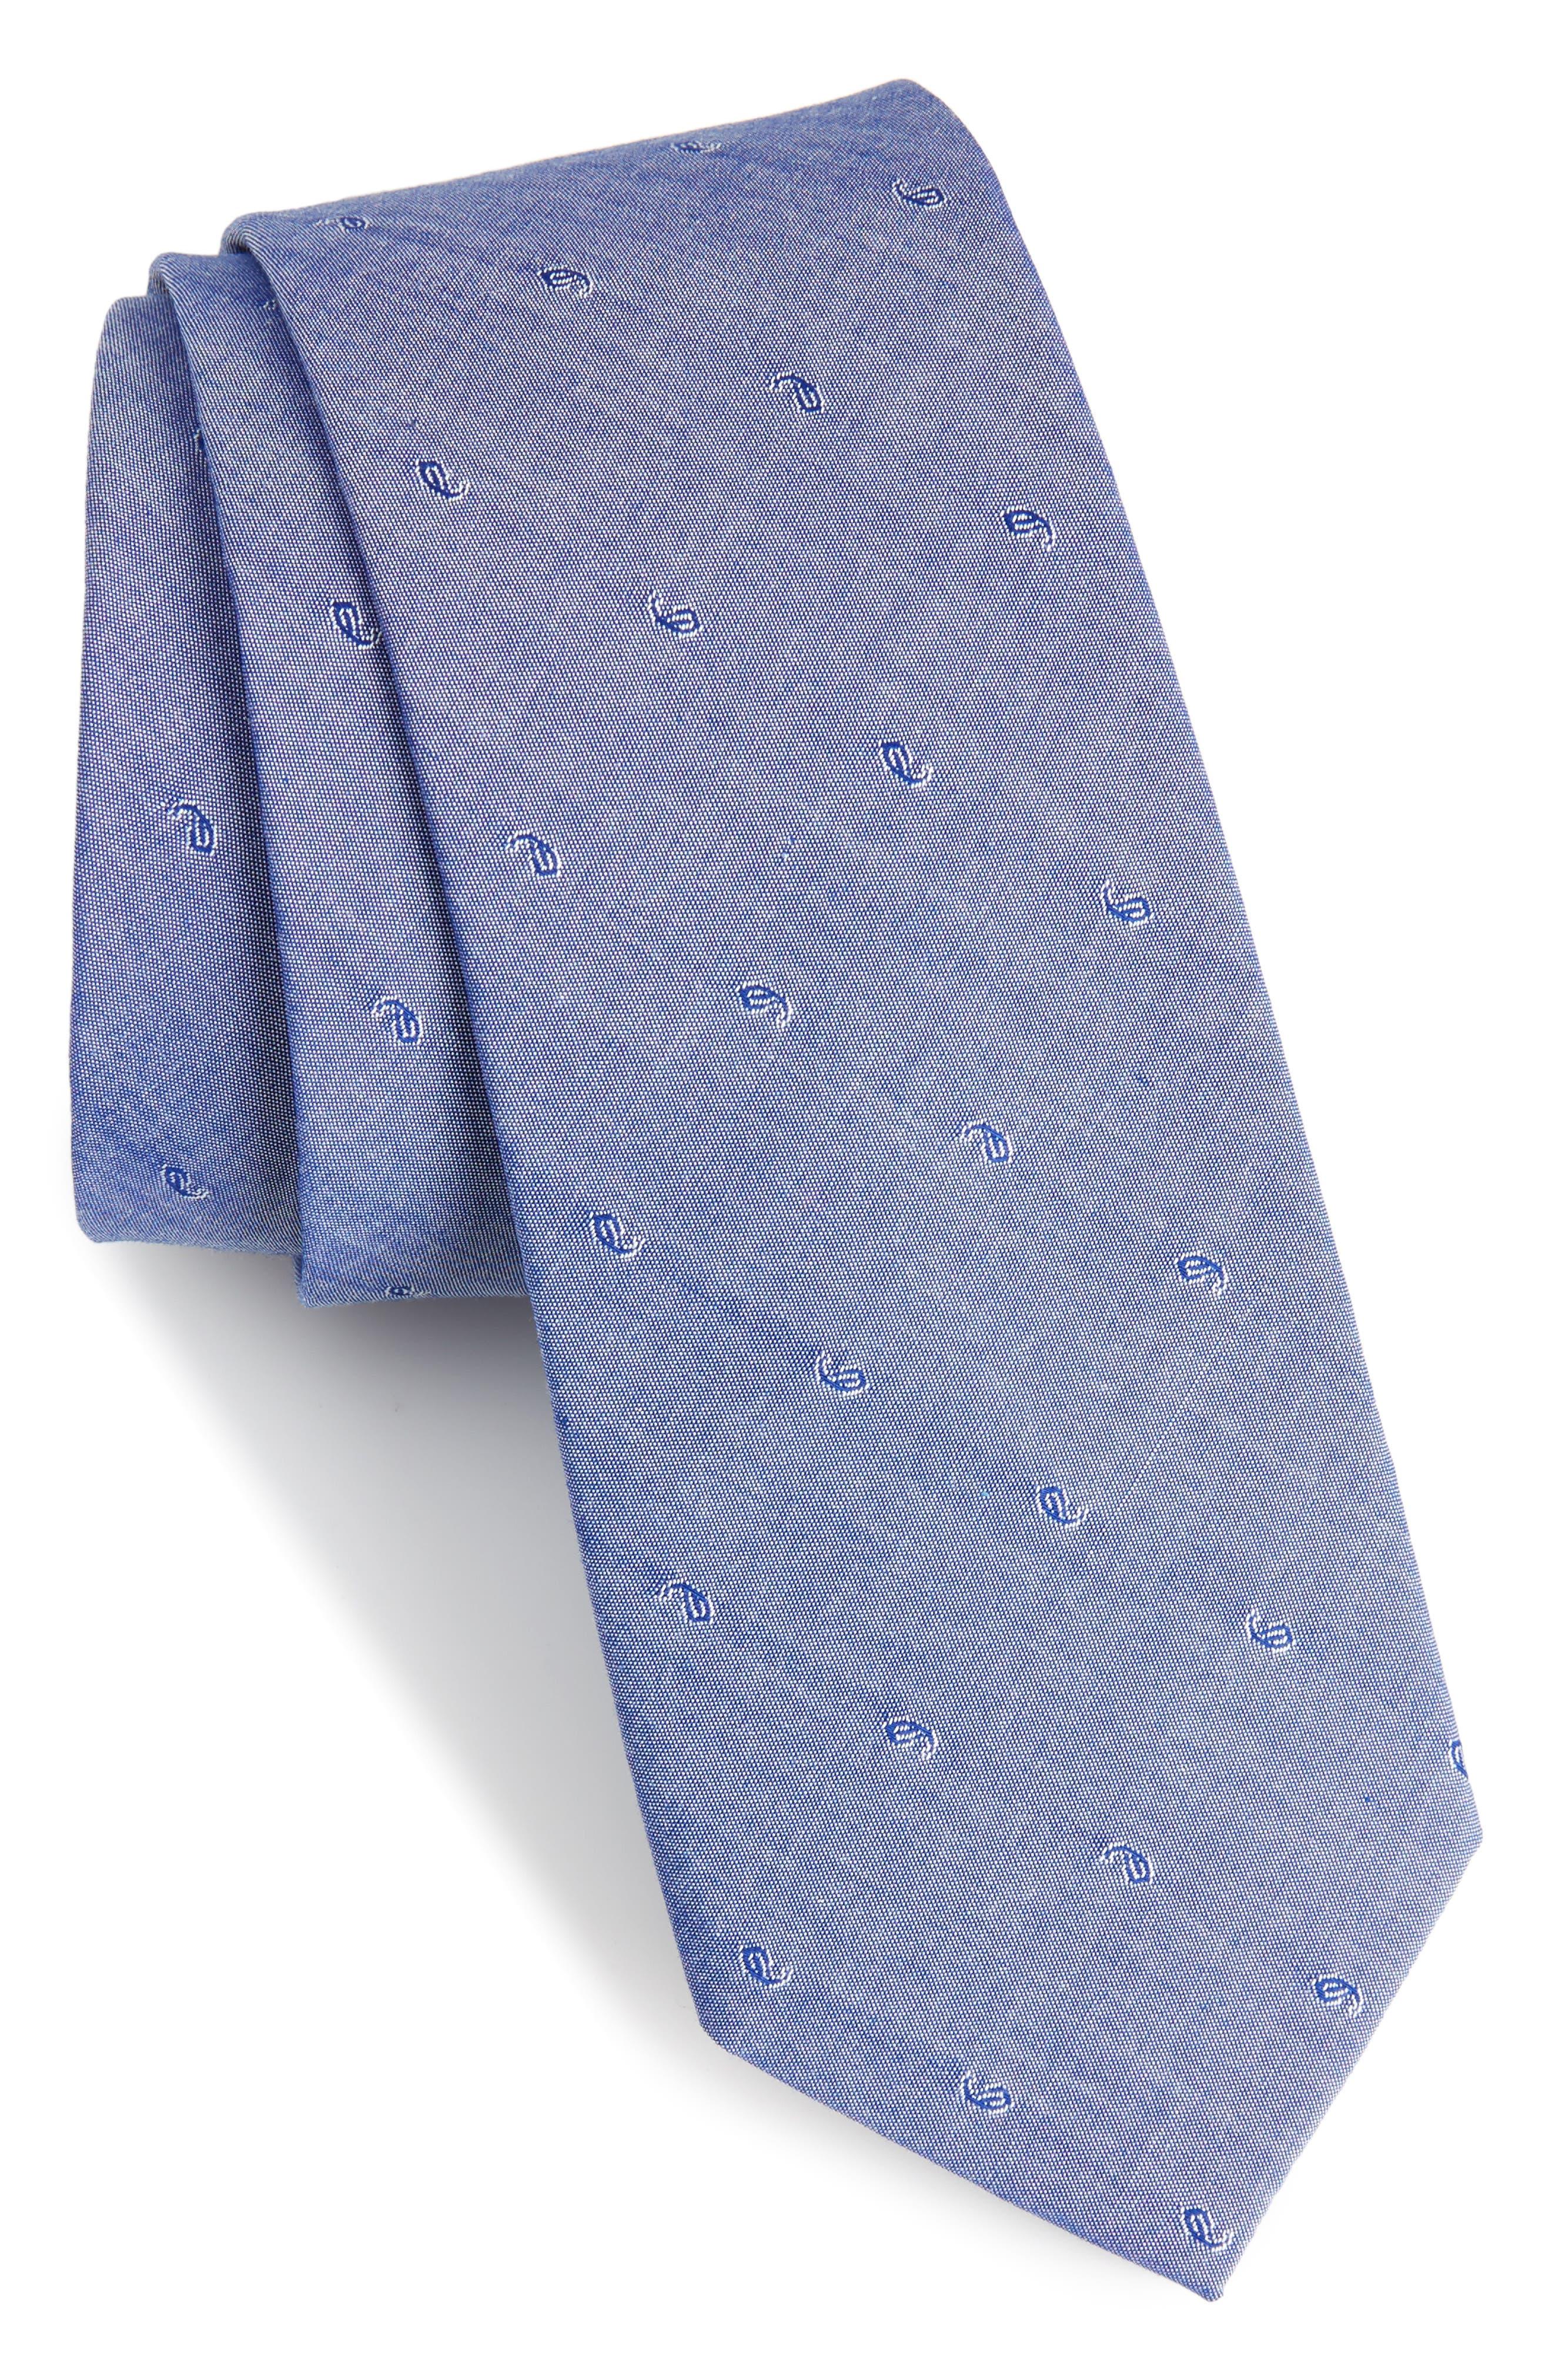 1901 Indigo Pine Cotton Skinny Tie